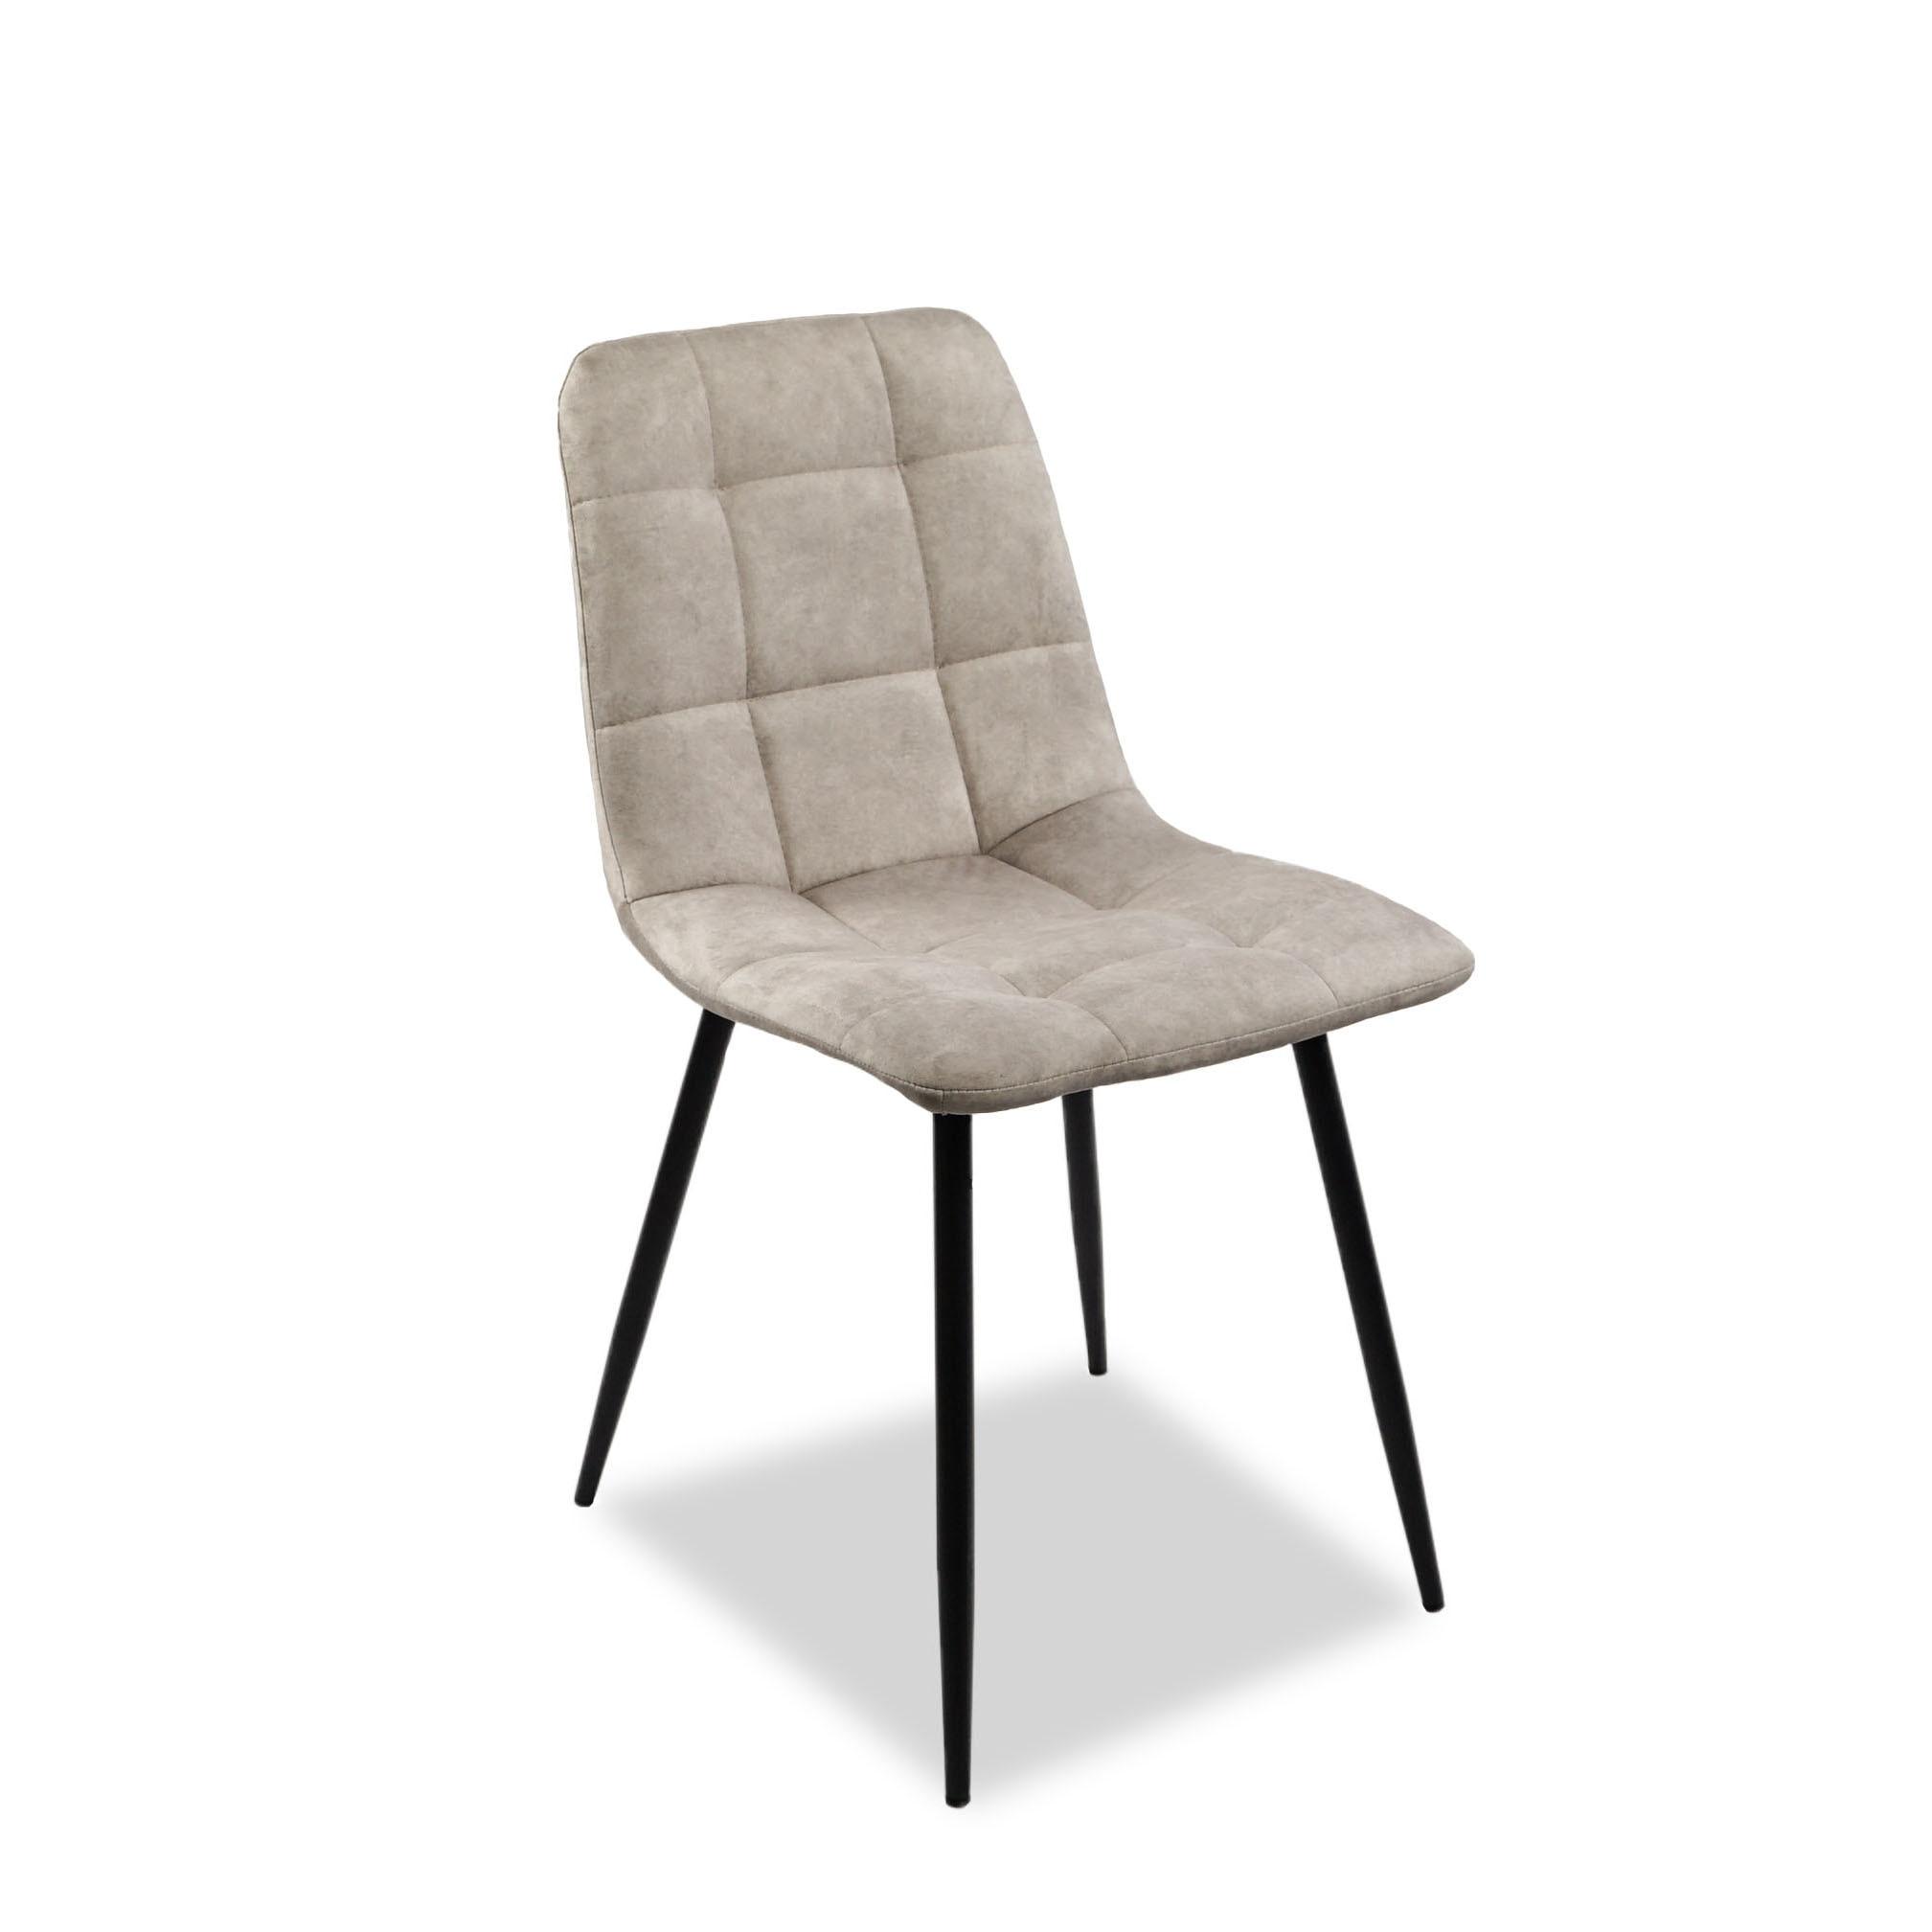 Chaise de salle à manger 4 pièces, velours en cuir artificiel, chaise de cuisine, chaise en fer, livraison gratuite de style russe de haute qualité